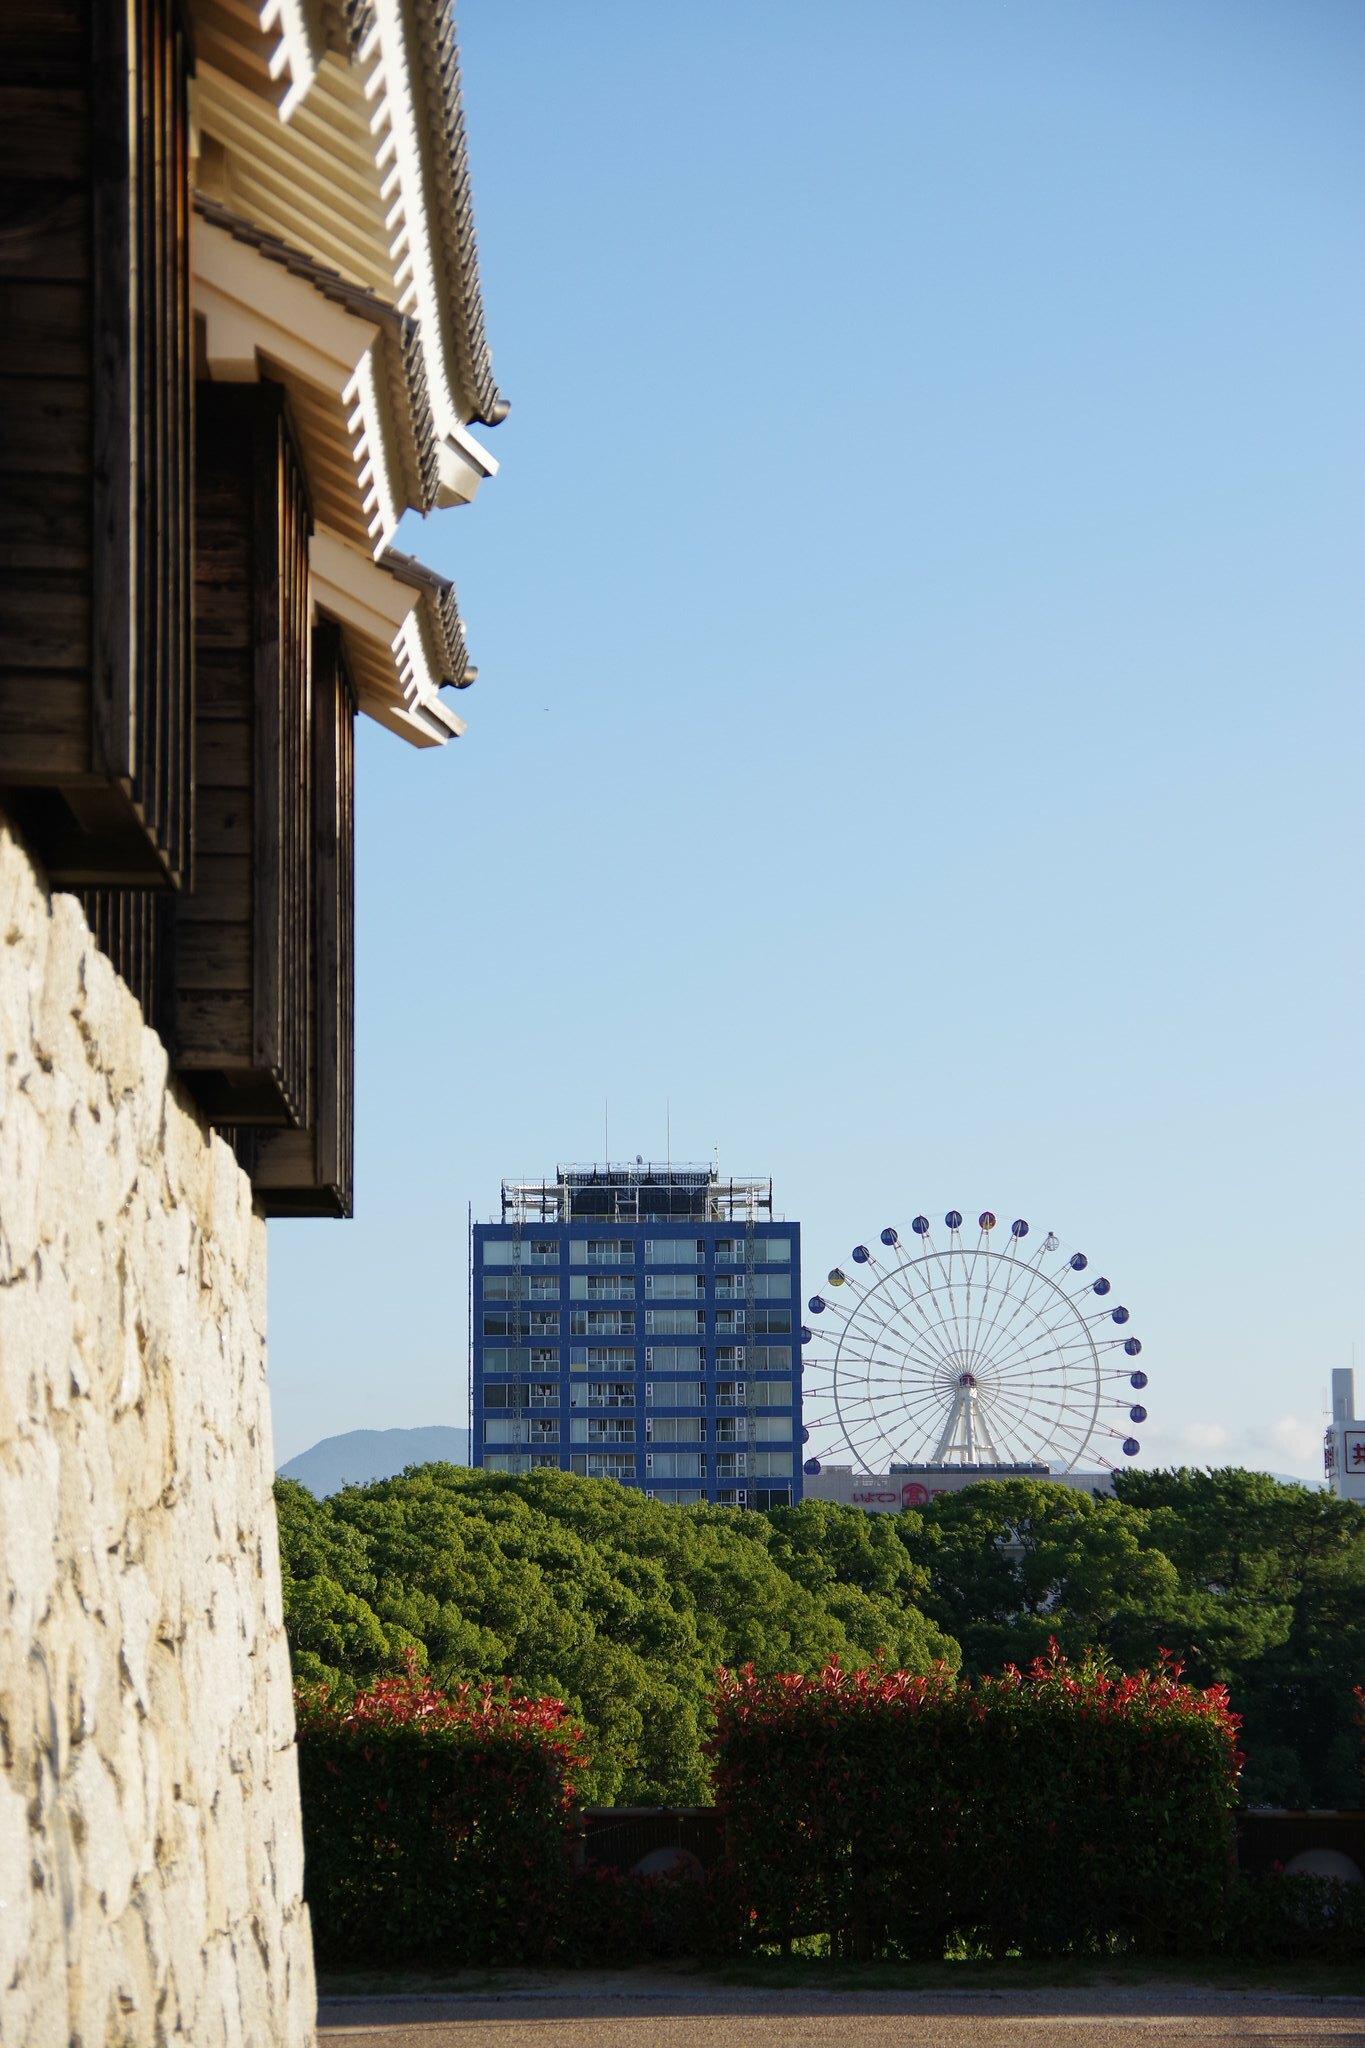 Matsuyama castle and kururin